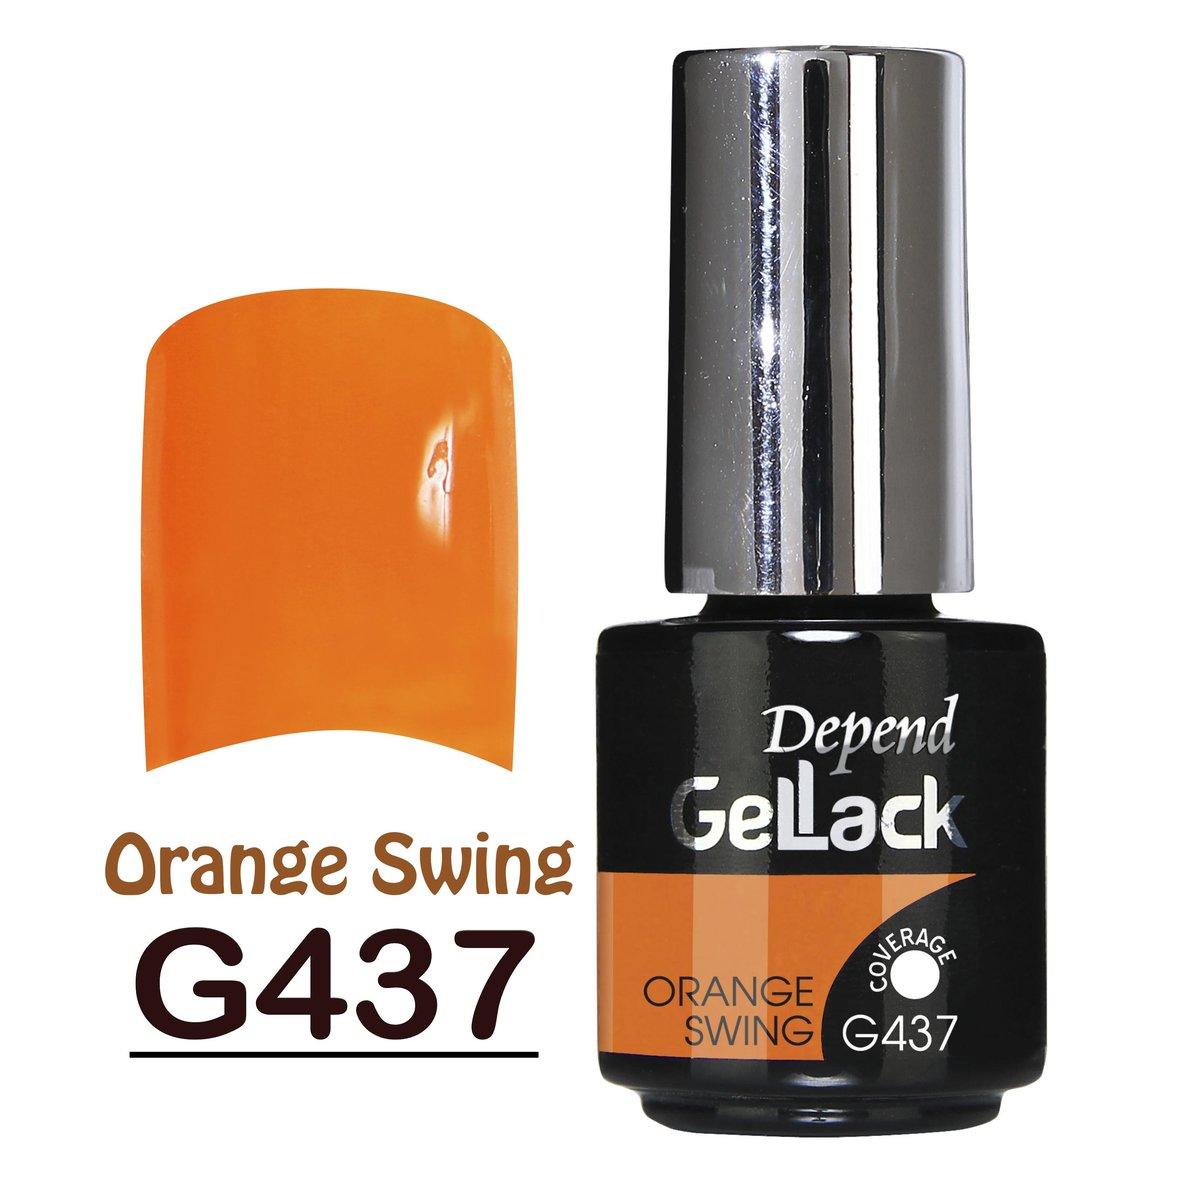 Gellack nr 437 5ml - Orange Swing